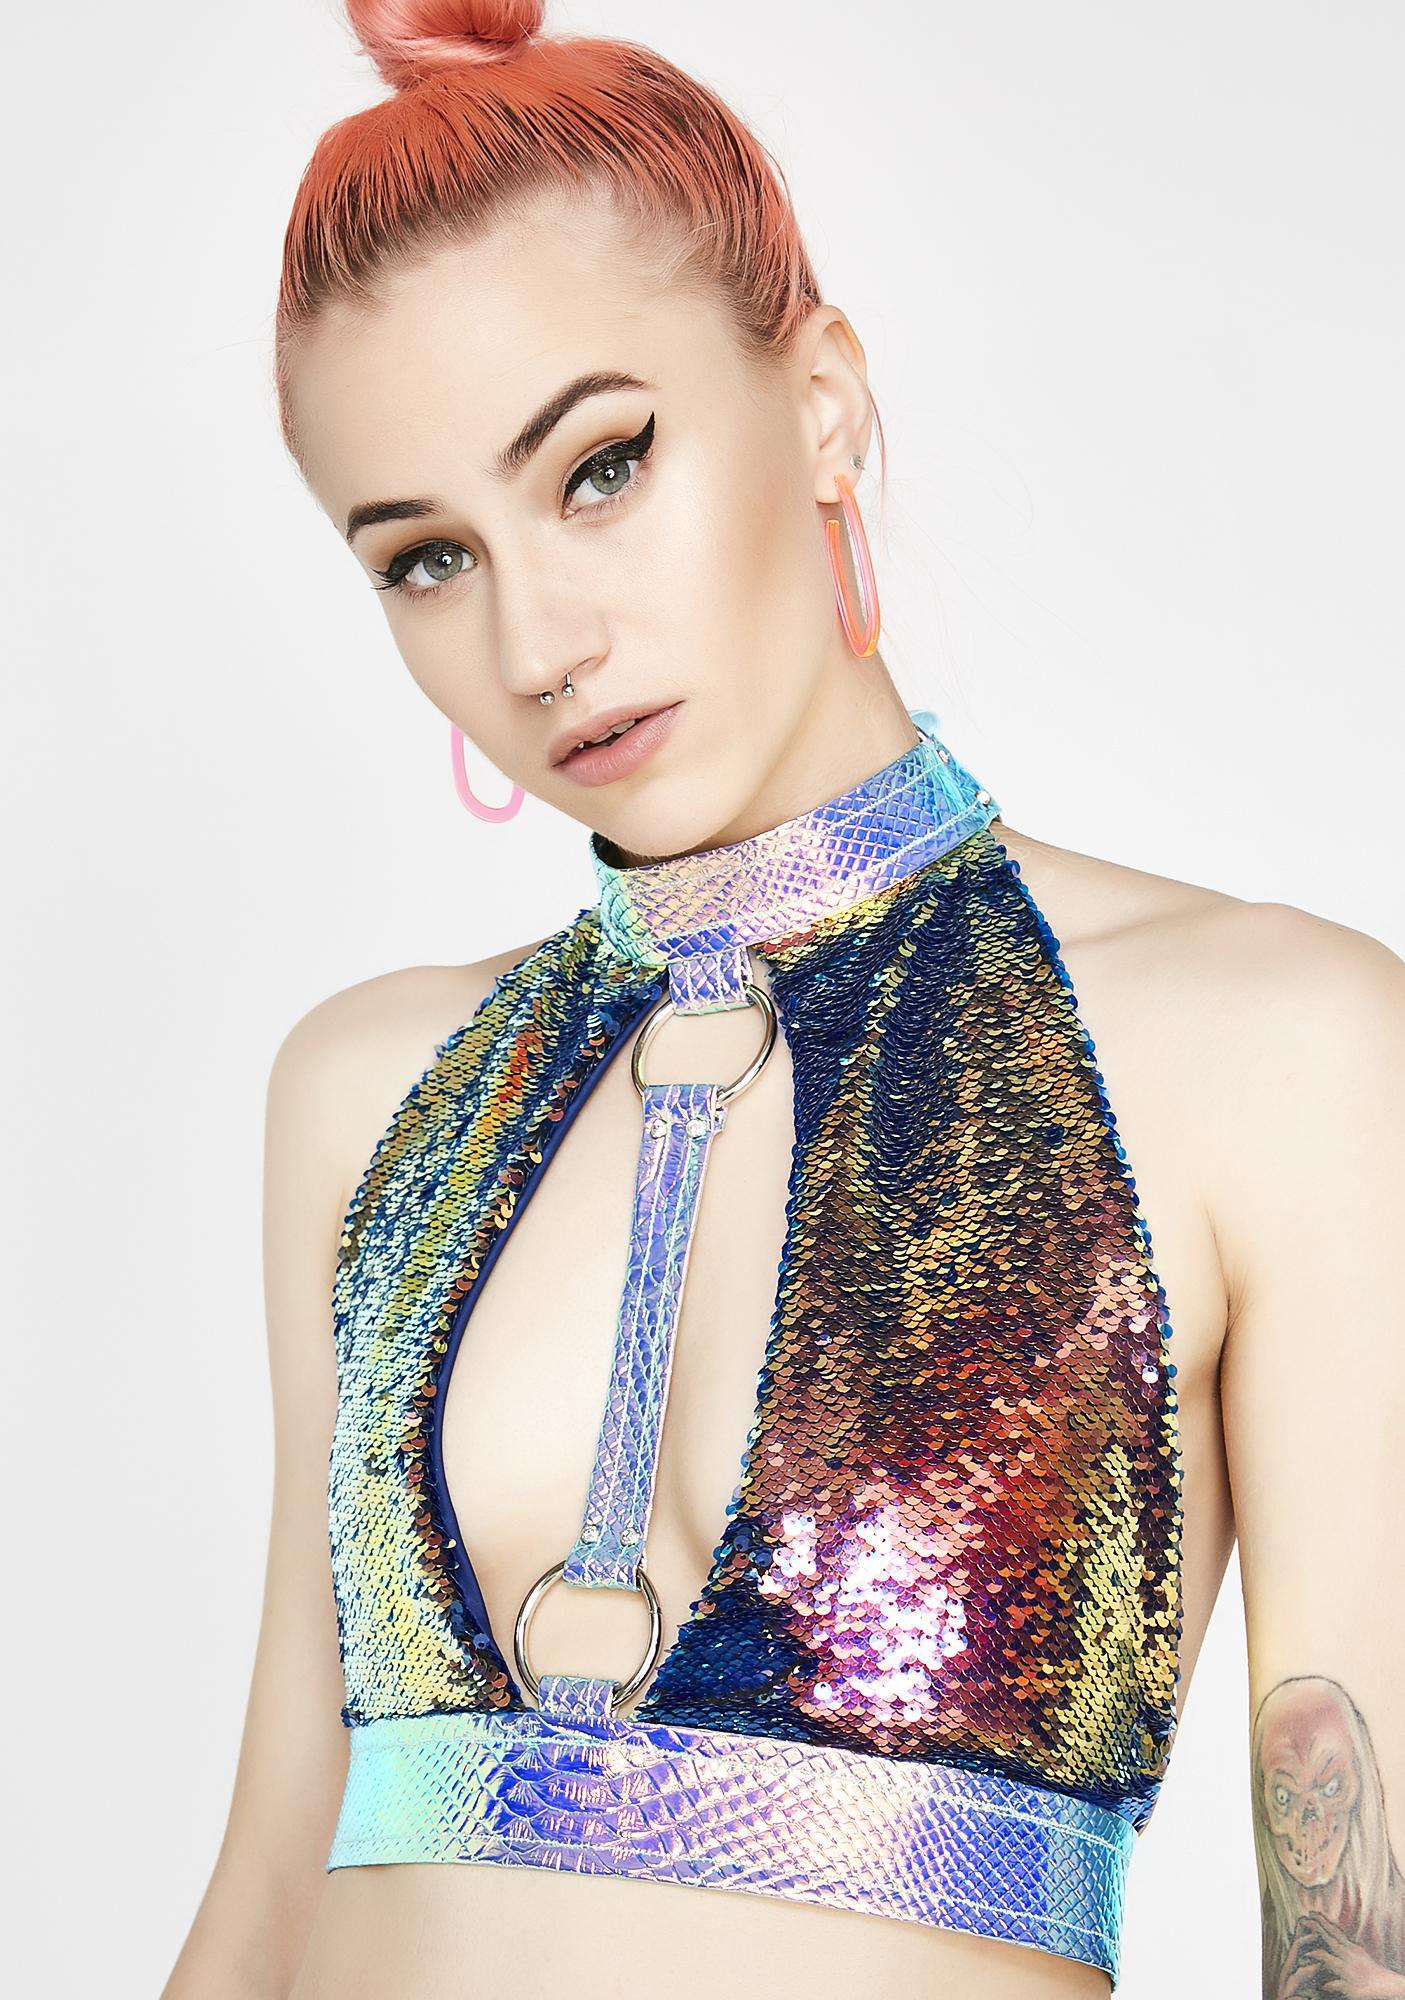 Seagypsy Couture Gemini Nova Dragon Halter Top